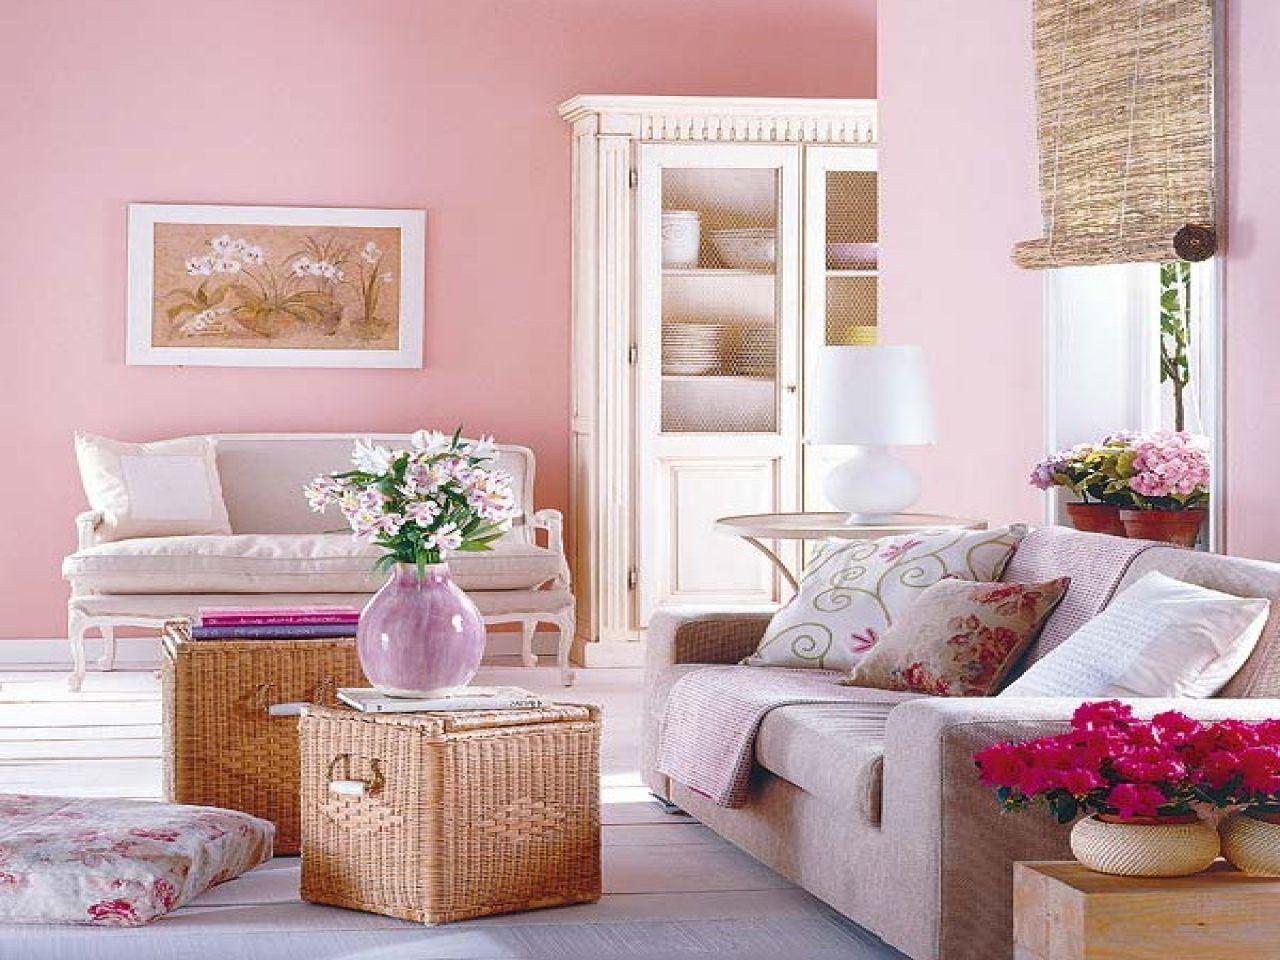 Pink Farbe Als Trendfarbe In Der Einrichtung